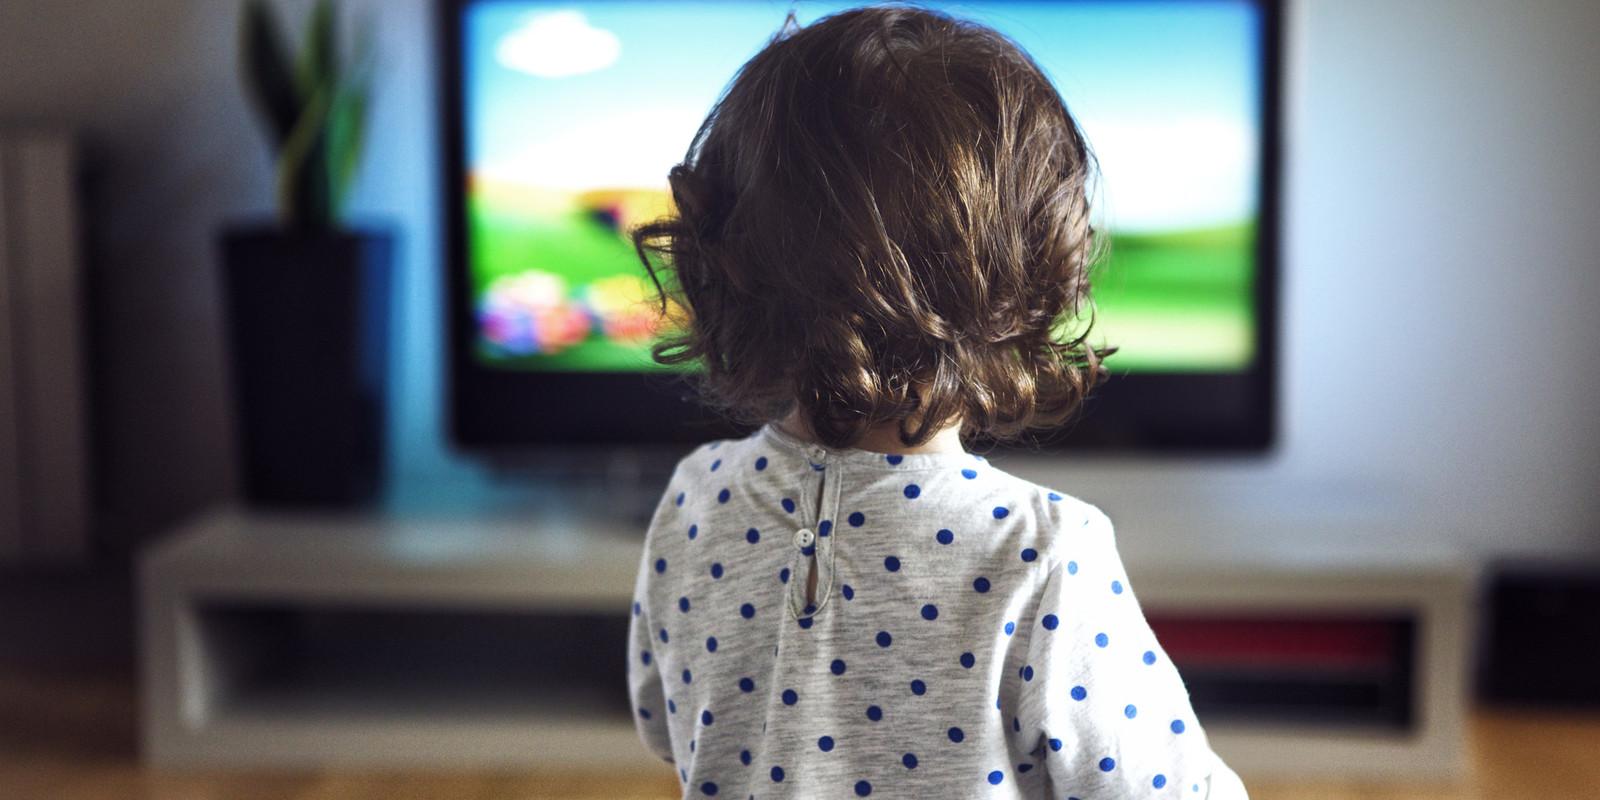 Занимаемся сексом а он телевизор смотрит